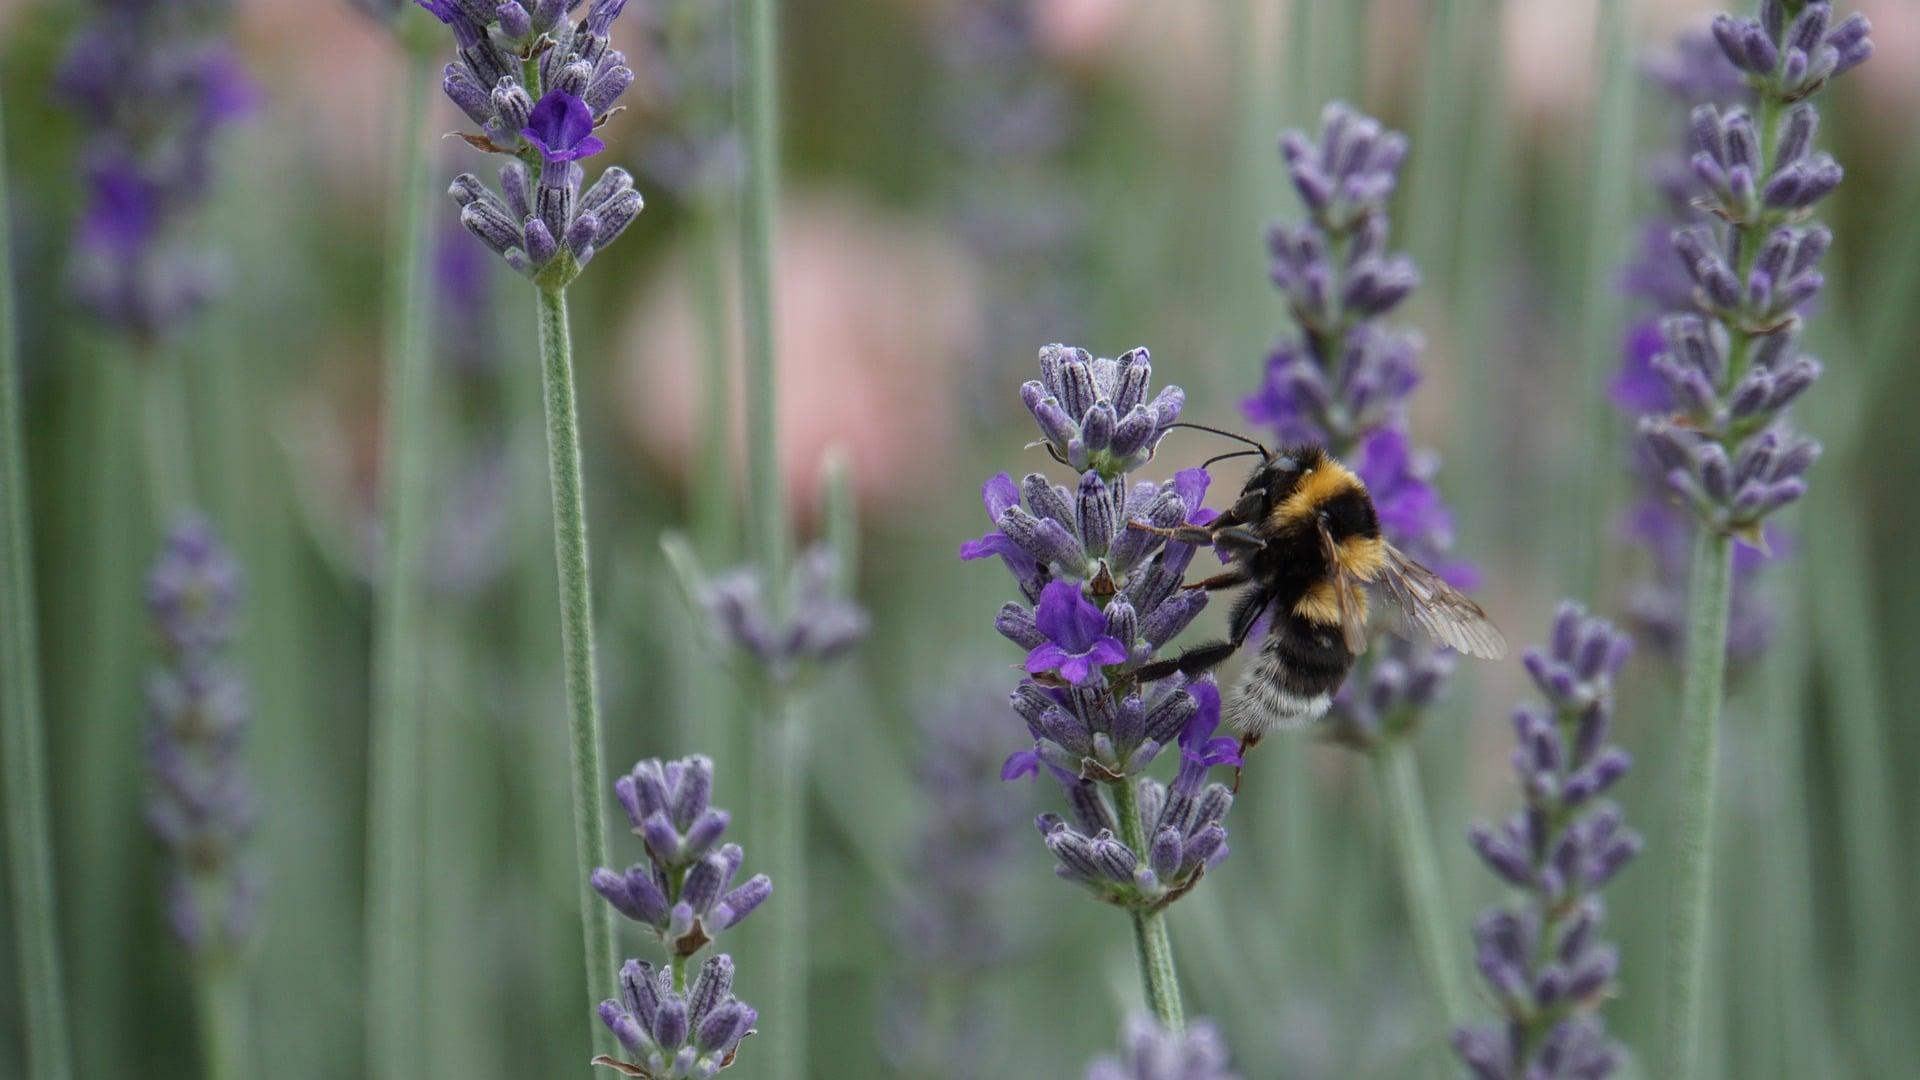 Biologia: Como a biodiversidade pode cair no Enem?